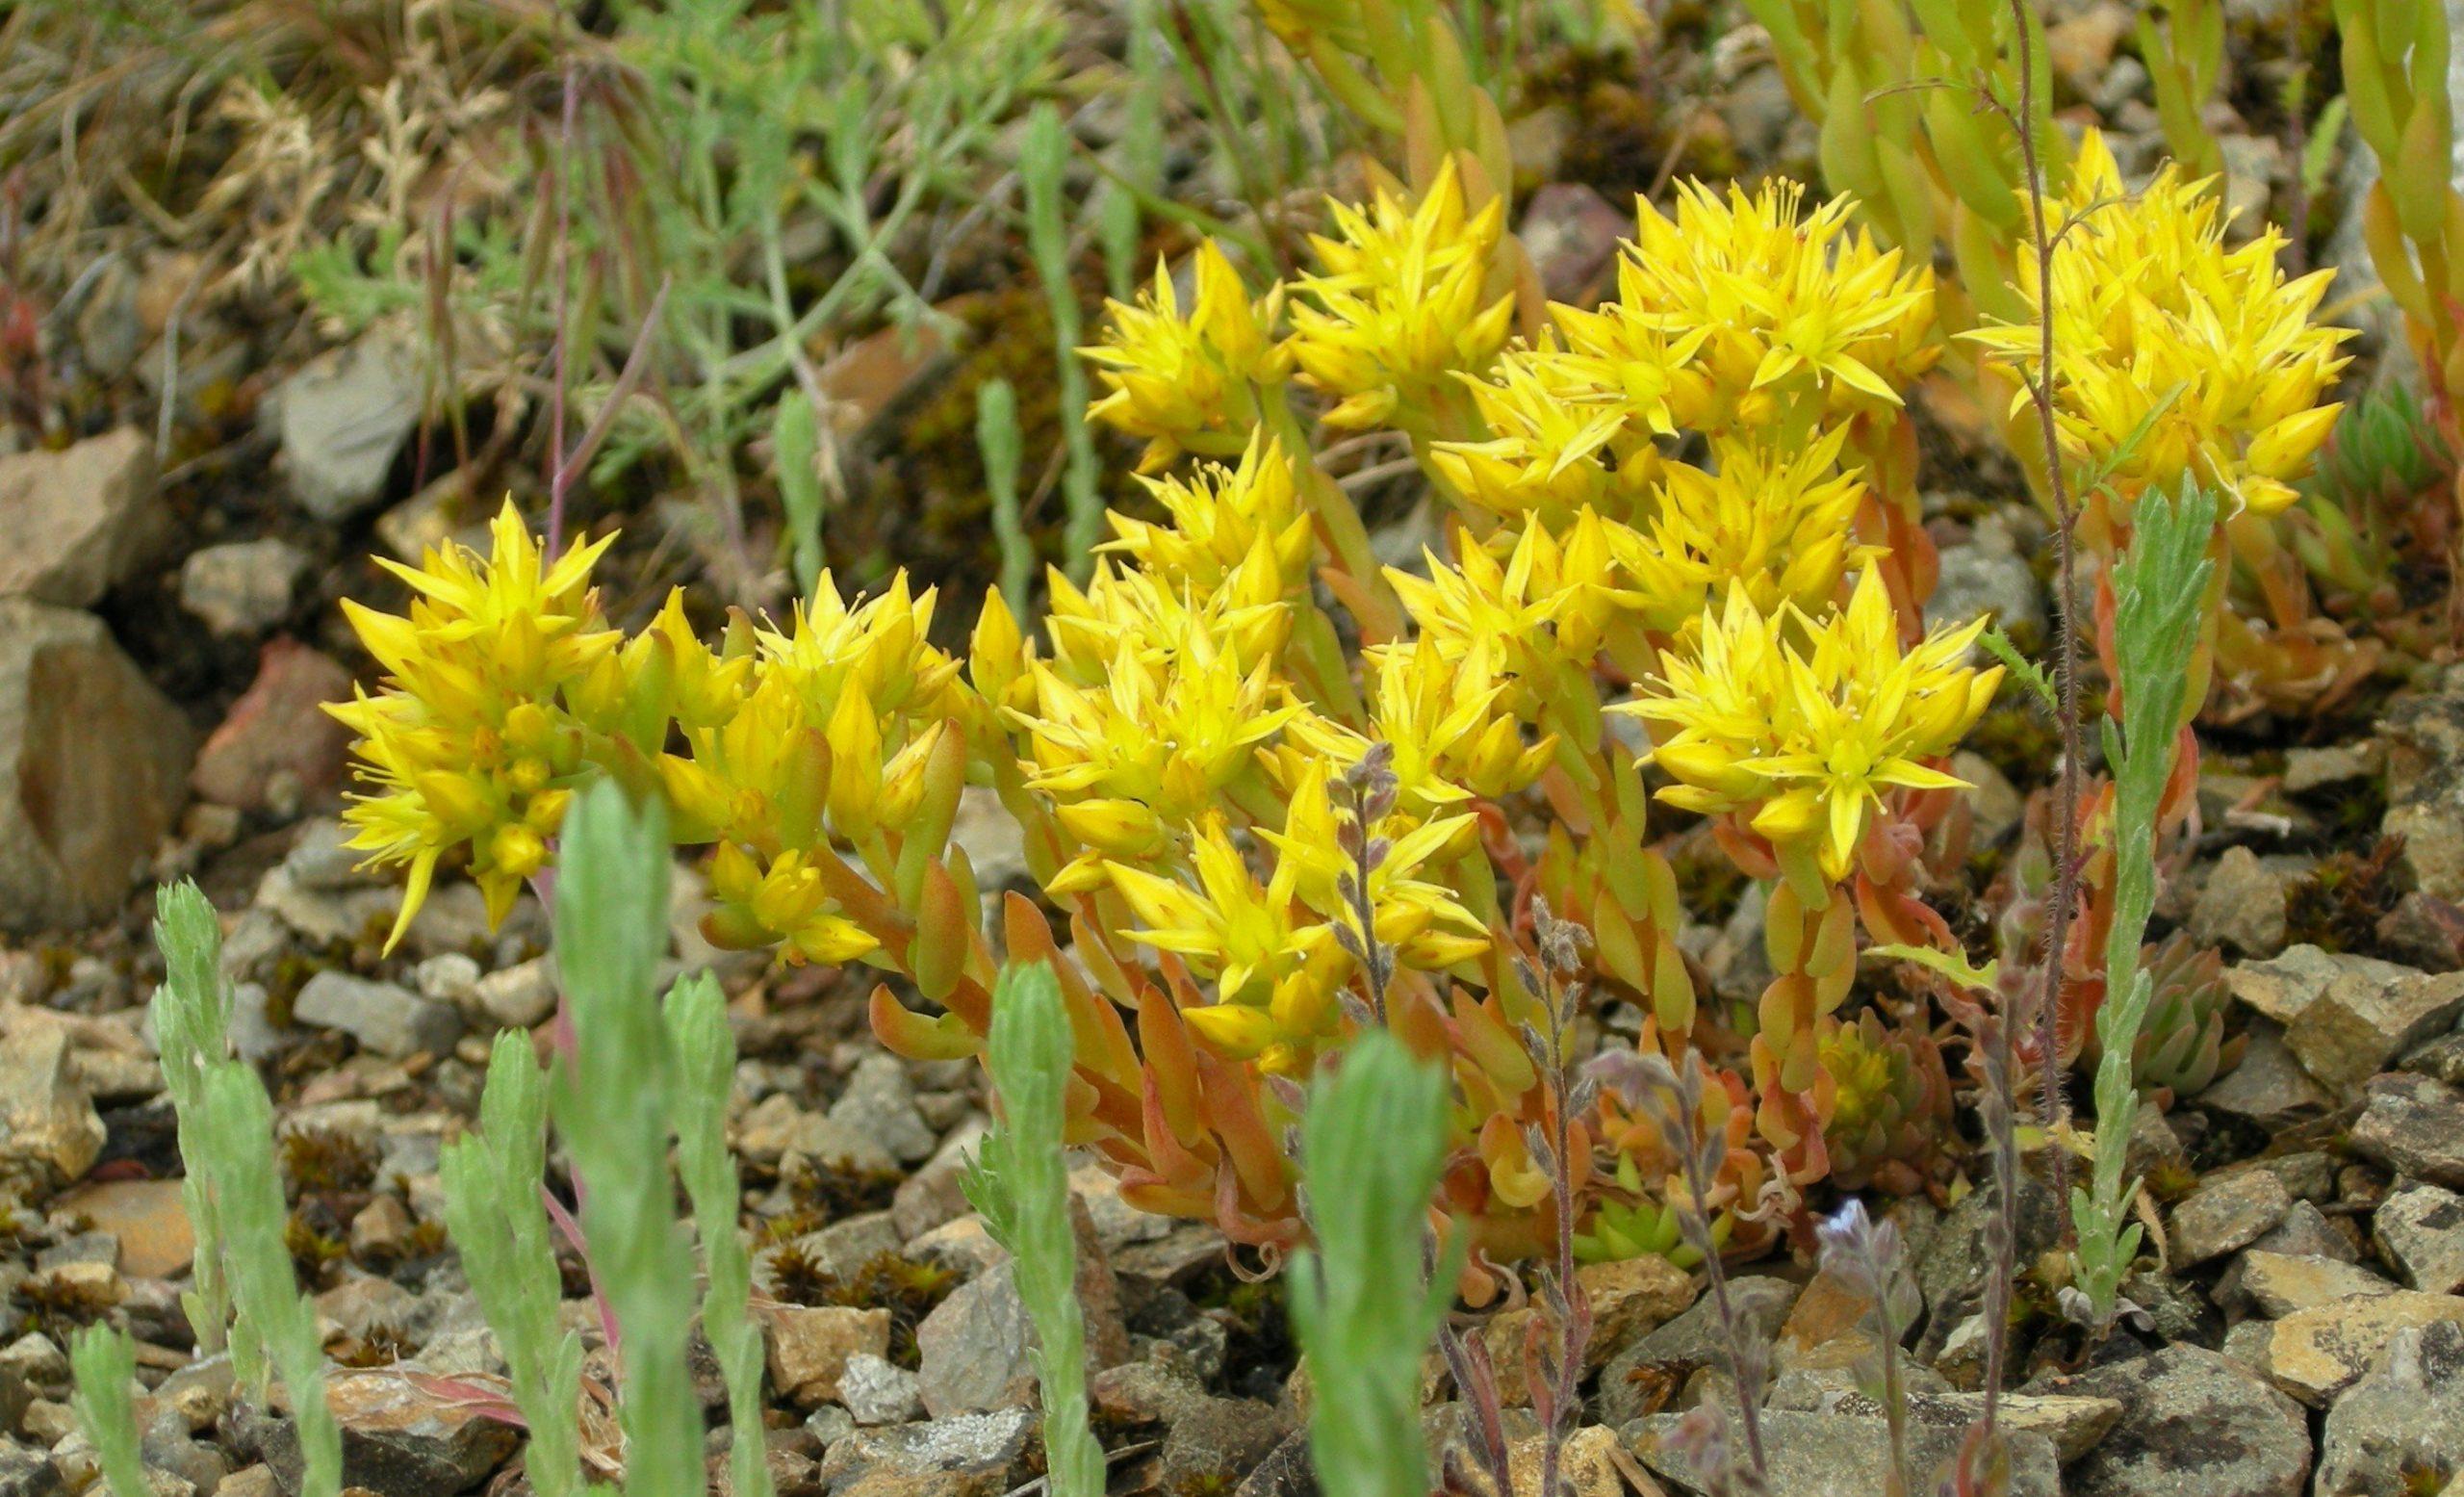 Okanagan Yellow Stonecrop (Sedum)